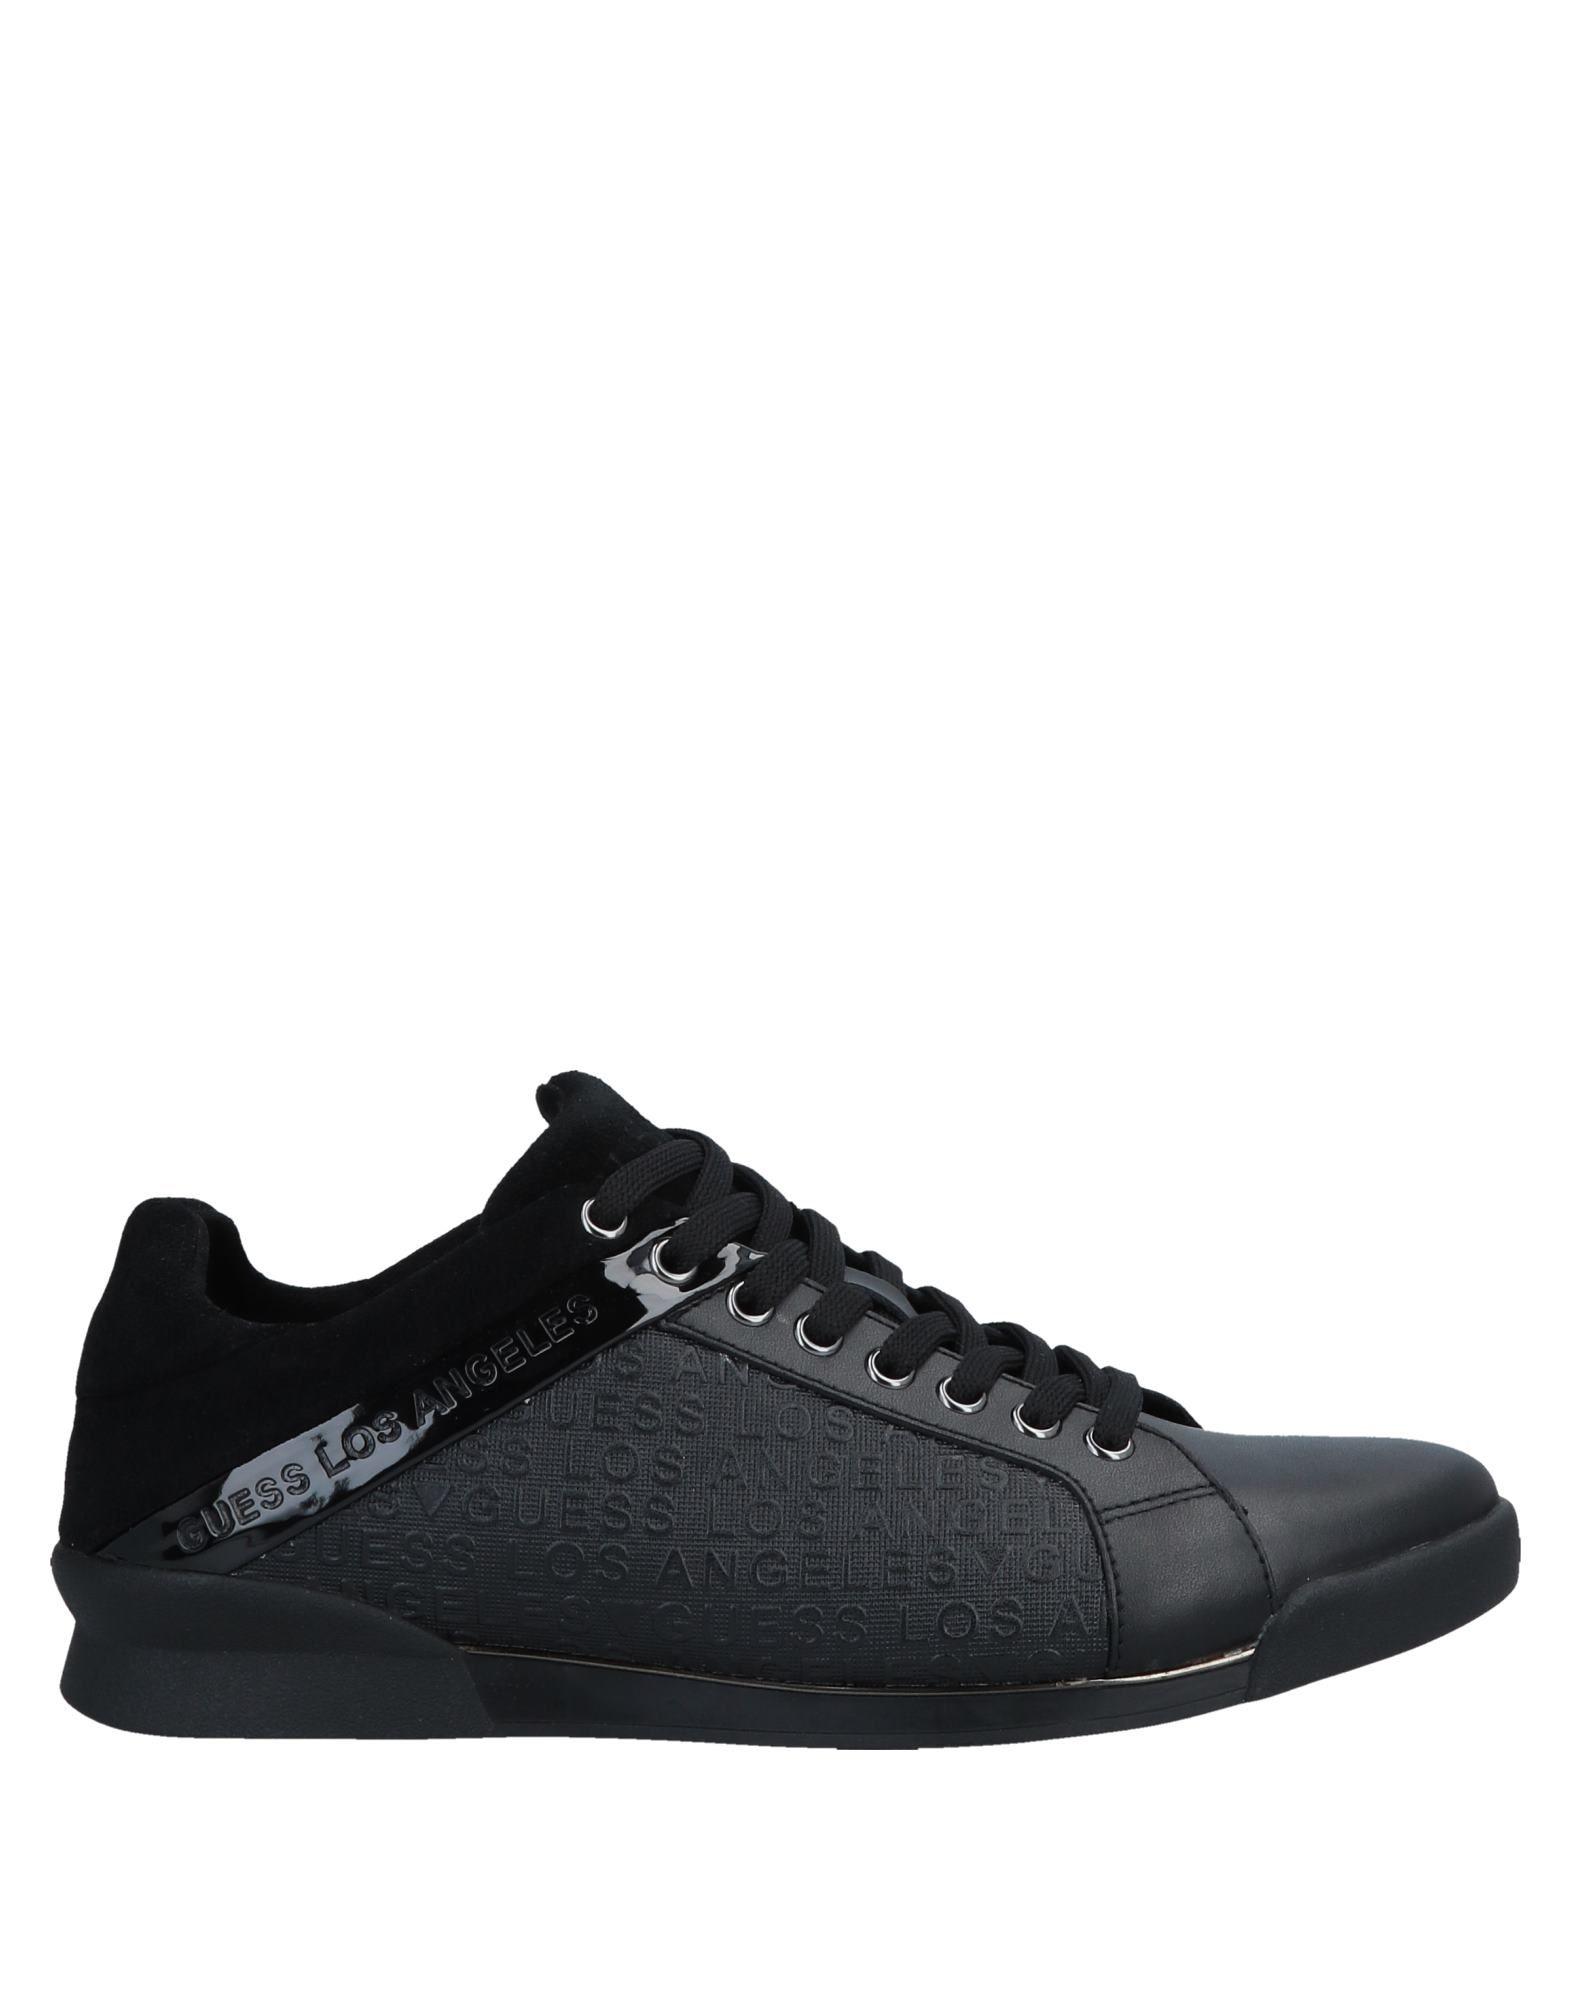 best sneakers 24827 8bd61 GUESS Sneakers - Footwear | YOOX.COM